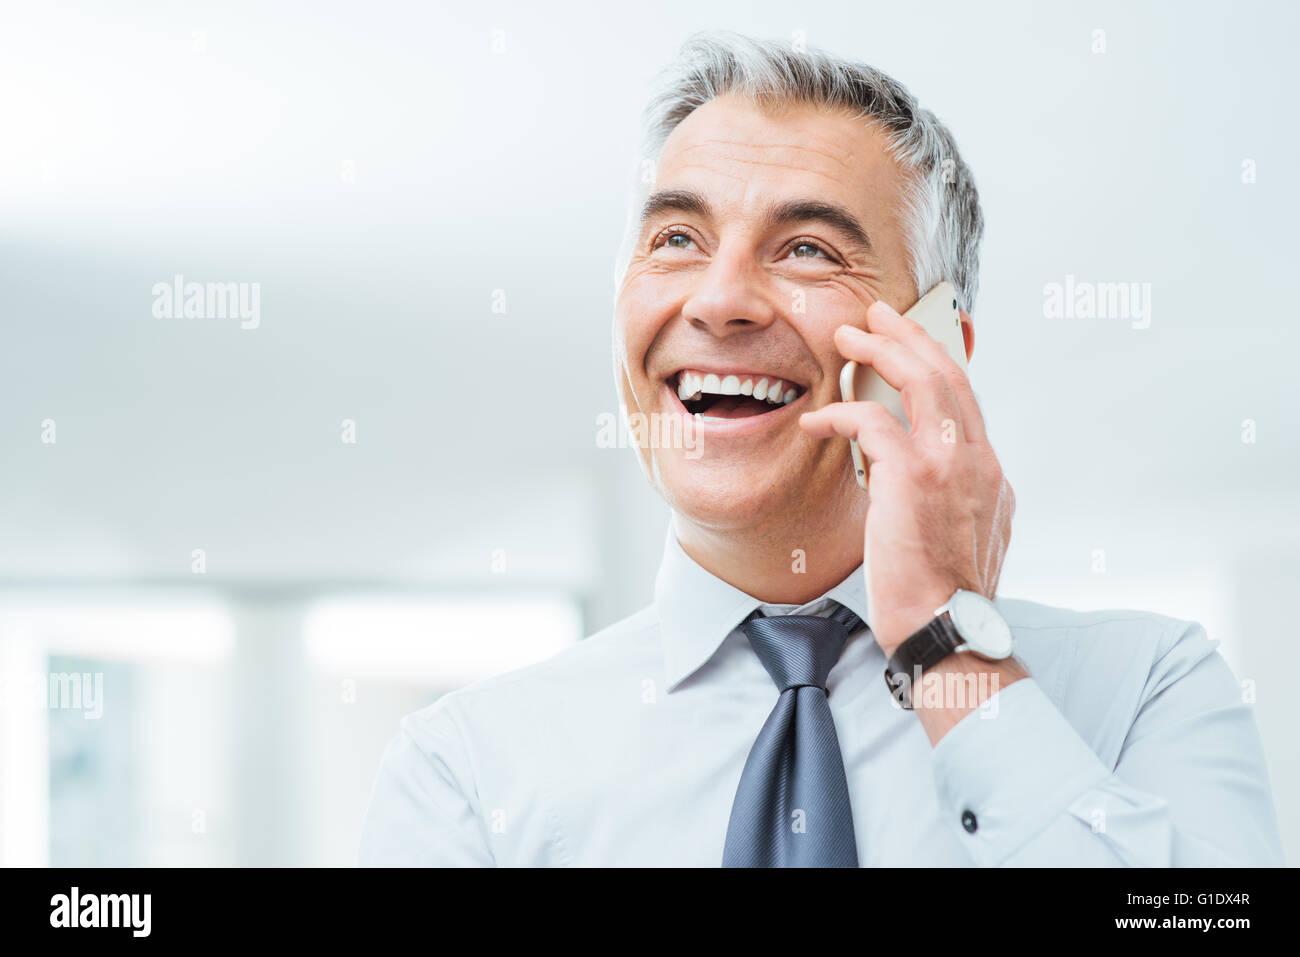 Seguro sonriente empresario tener una llamada en su teléfono inteligente. Foto de stock